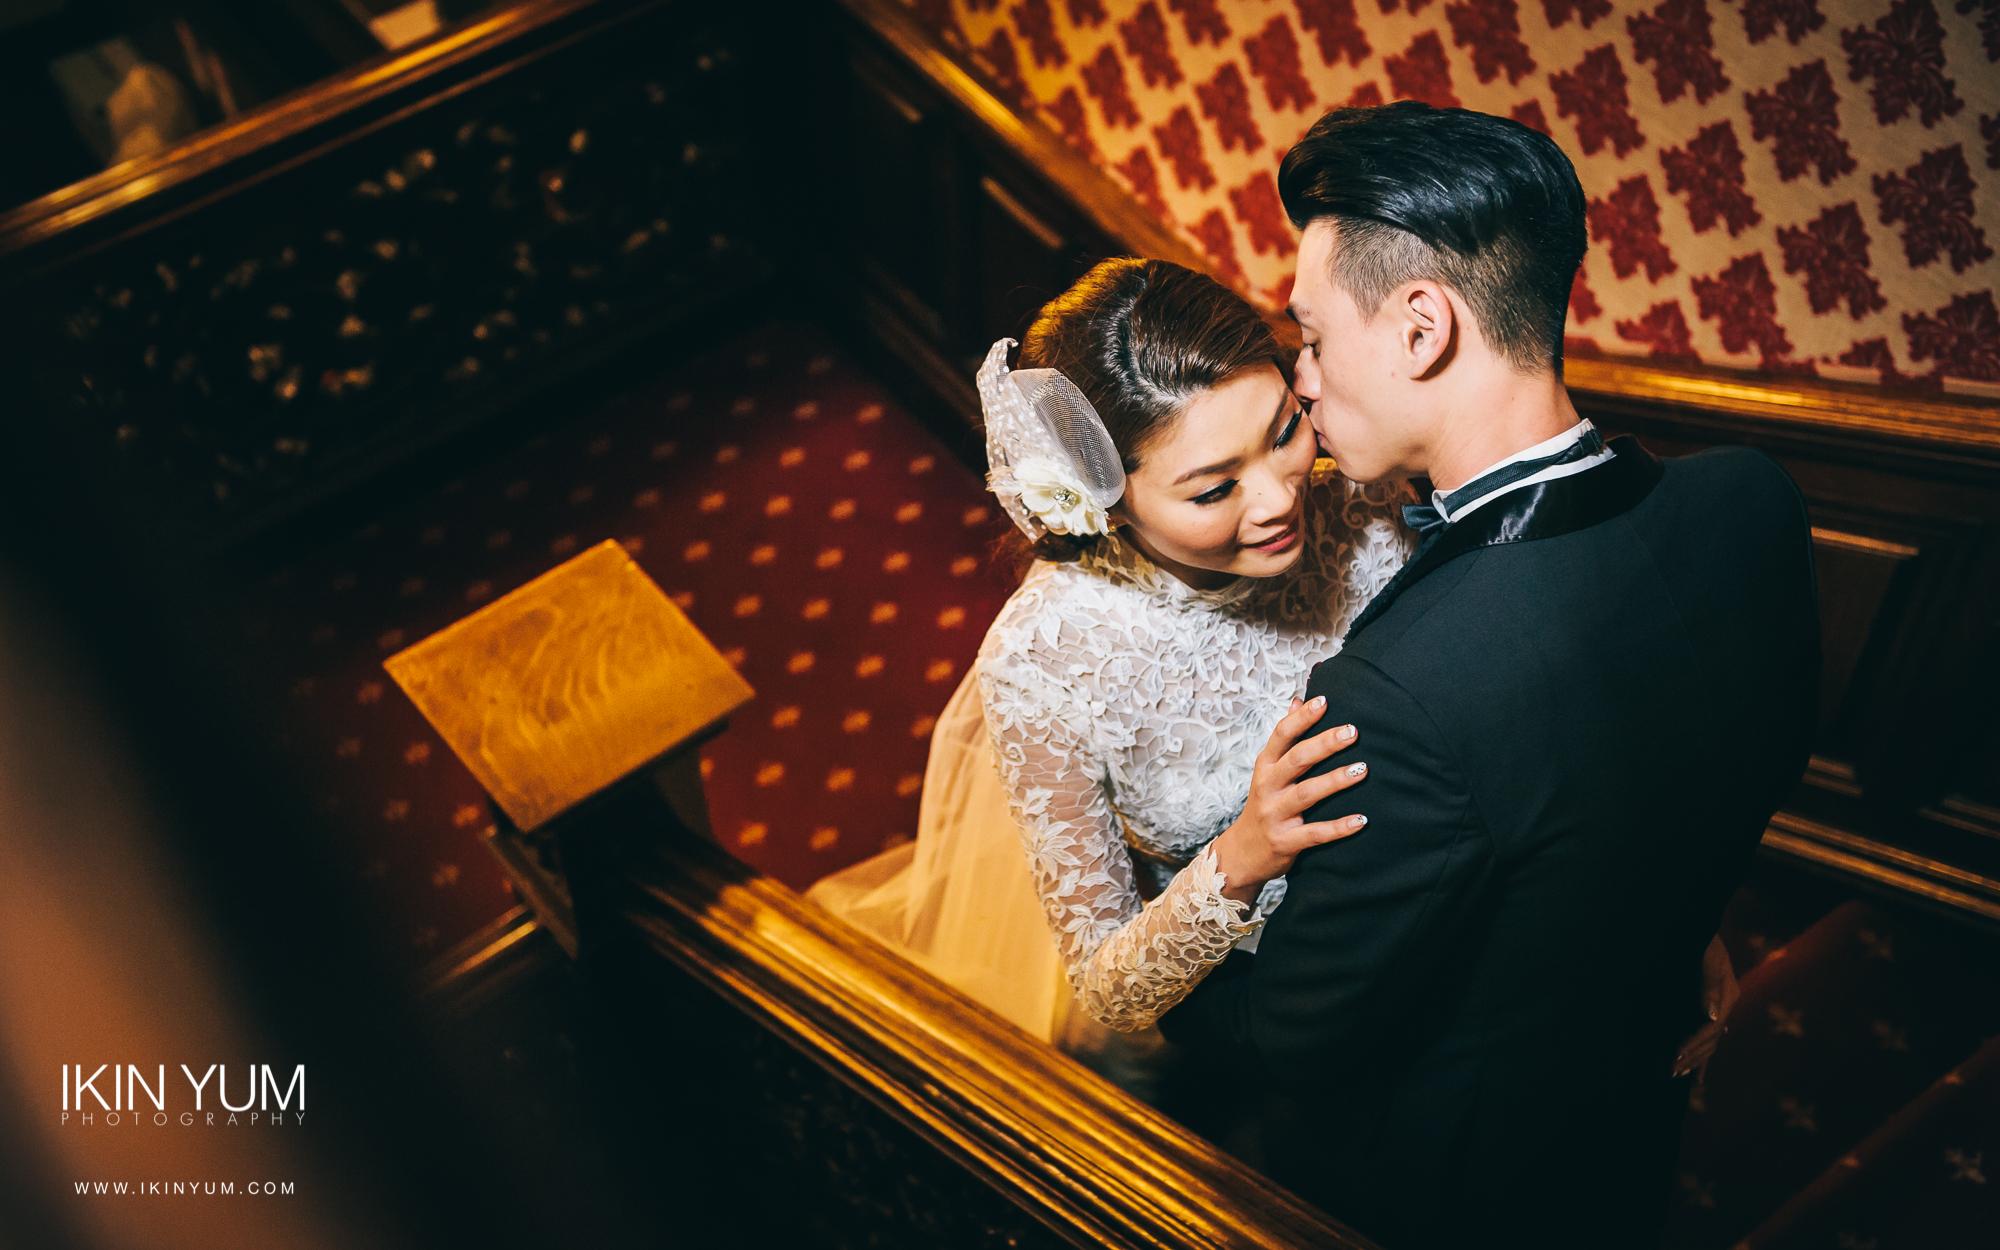 Pre-Wedding Shoot London Zann + Danny - Ikin Yum Photography-056.jpg